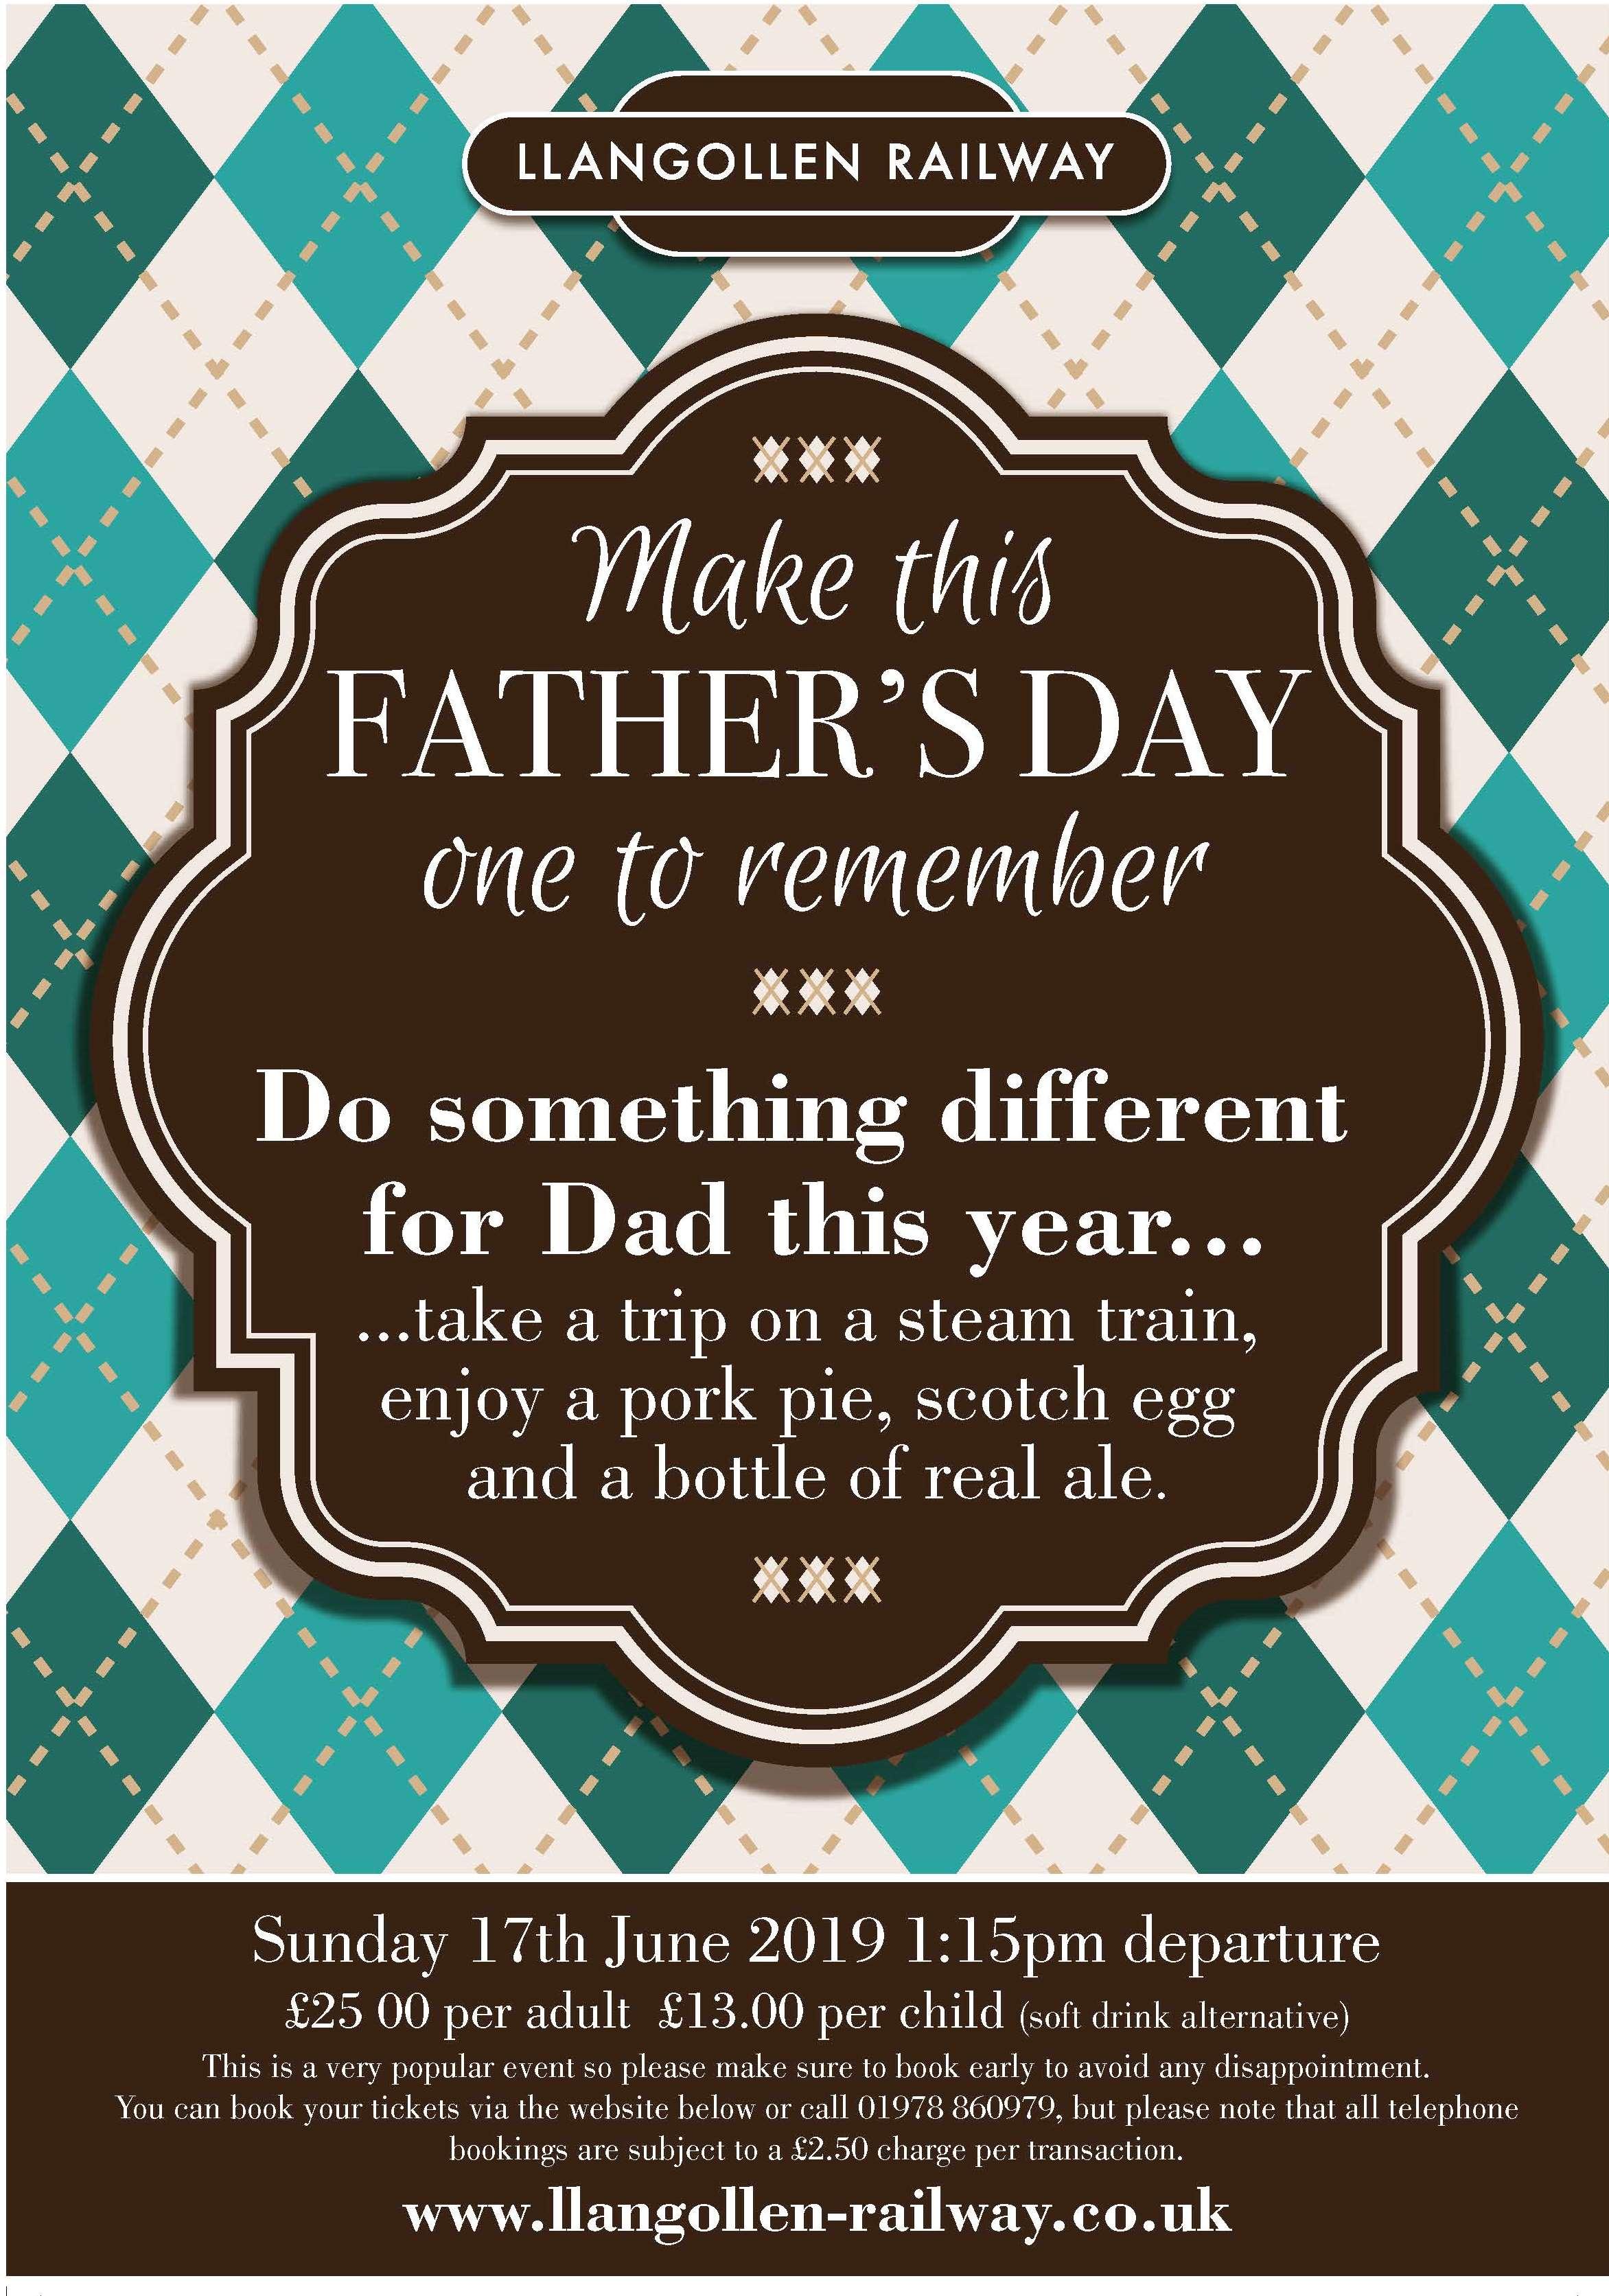 personali fathers day treat - HD2344×3345